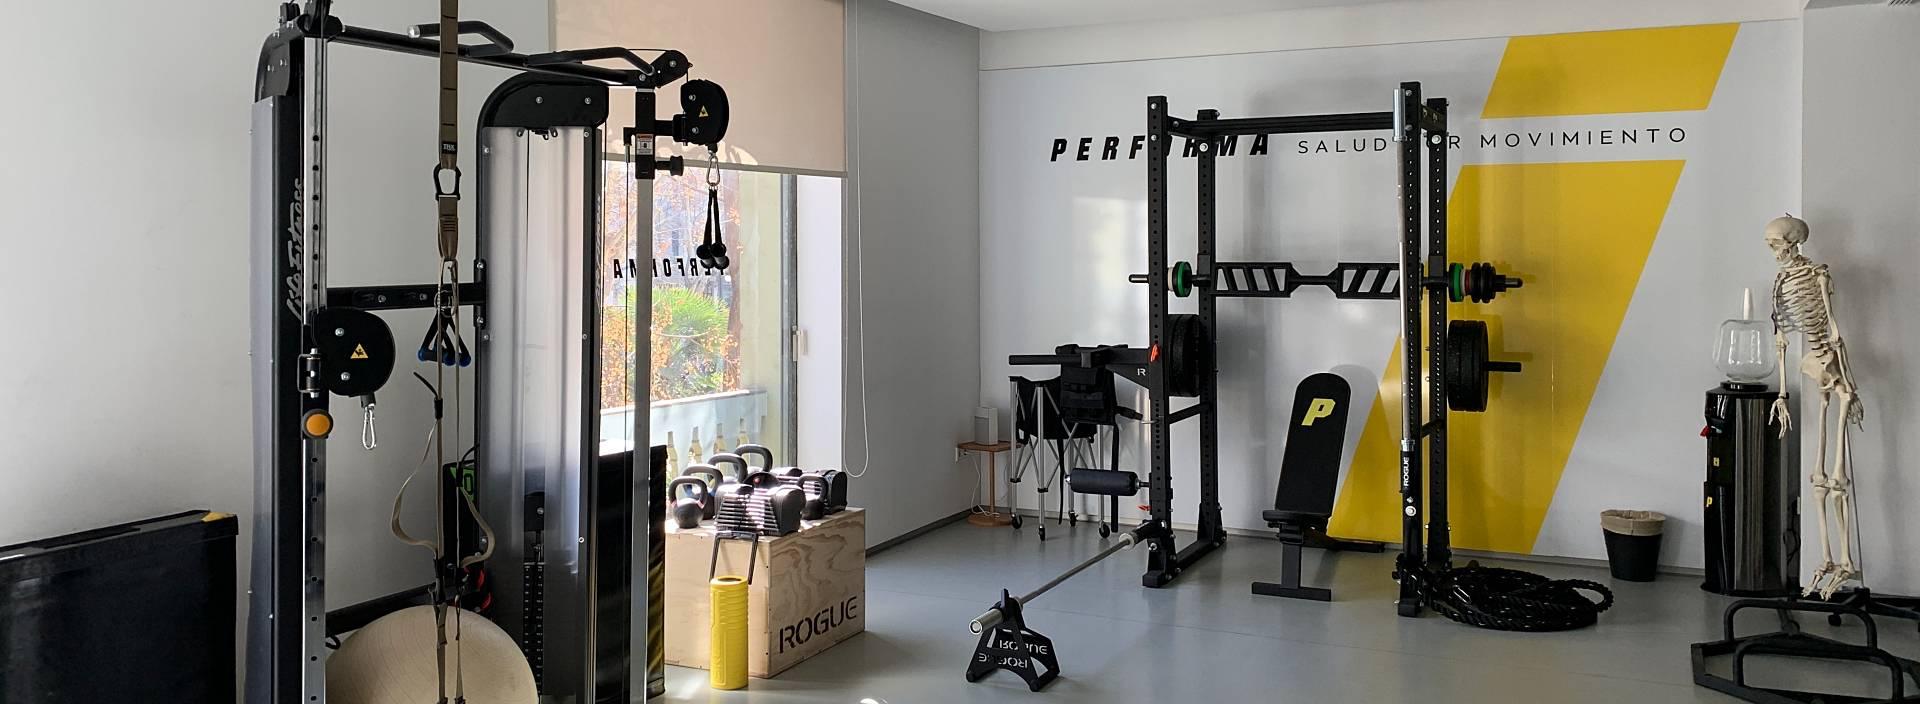 Nuevo centro de entrenamiento Performa